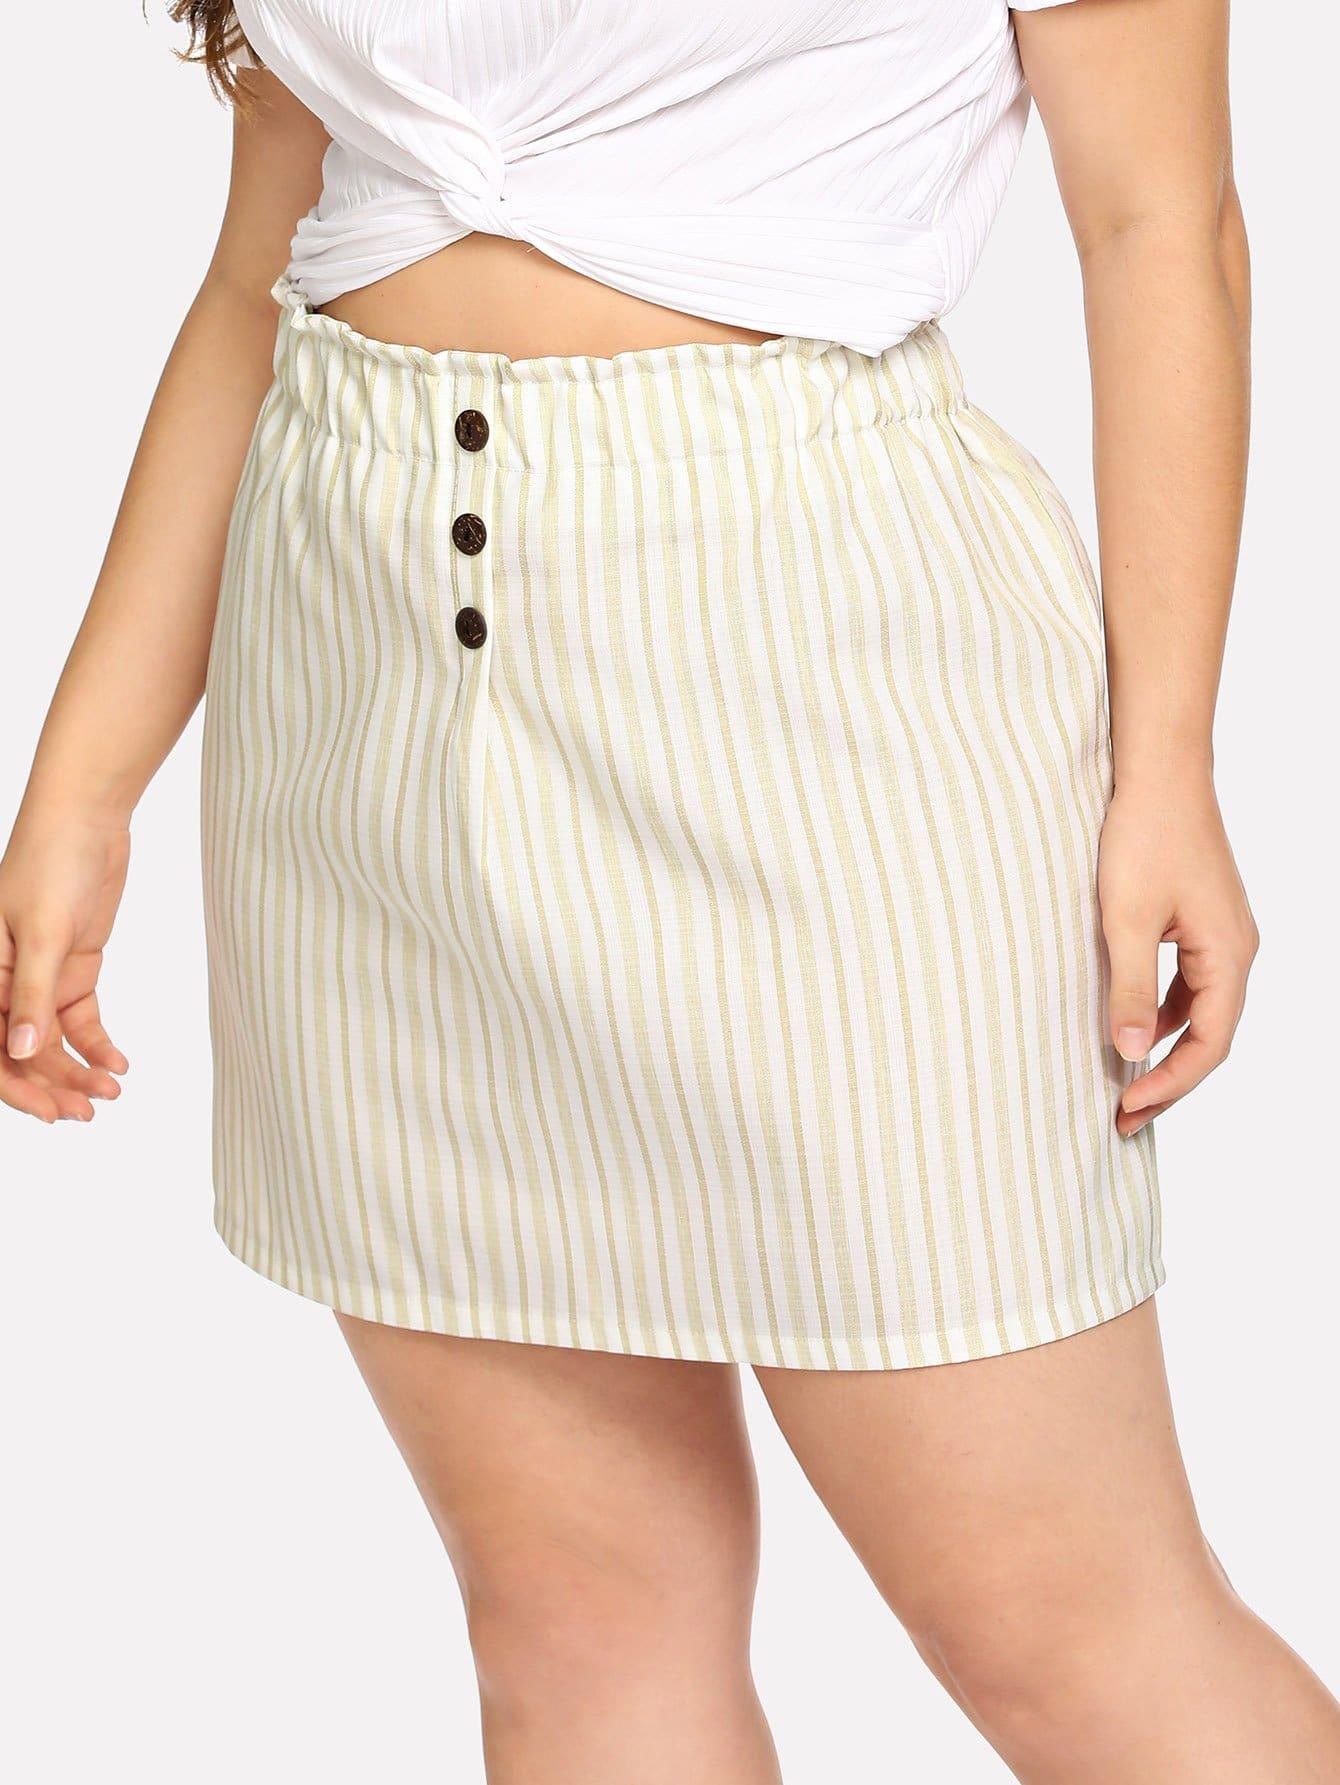 Купить Полосатая юбка и с украшением пуговиц, Carol, SheIn